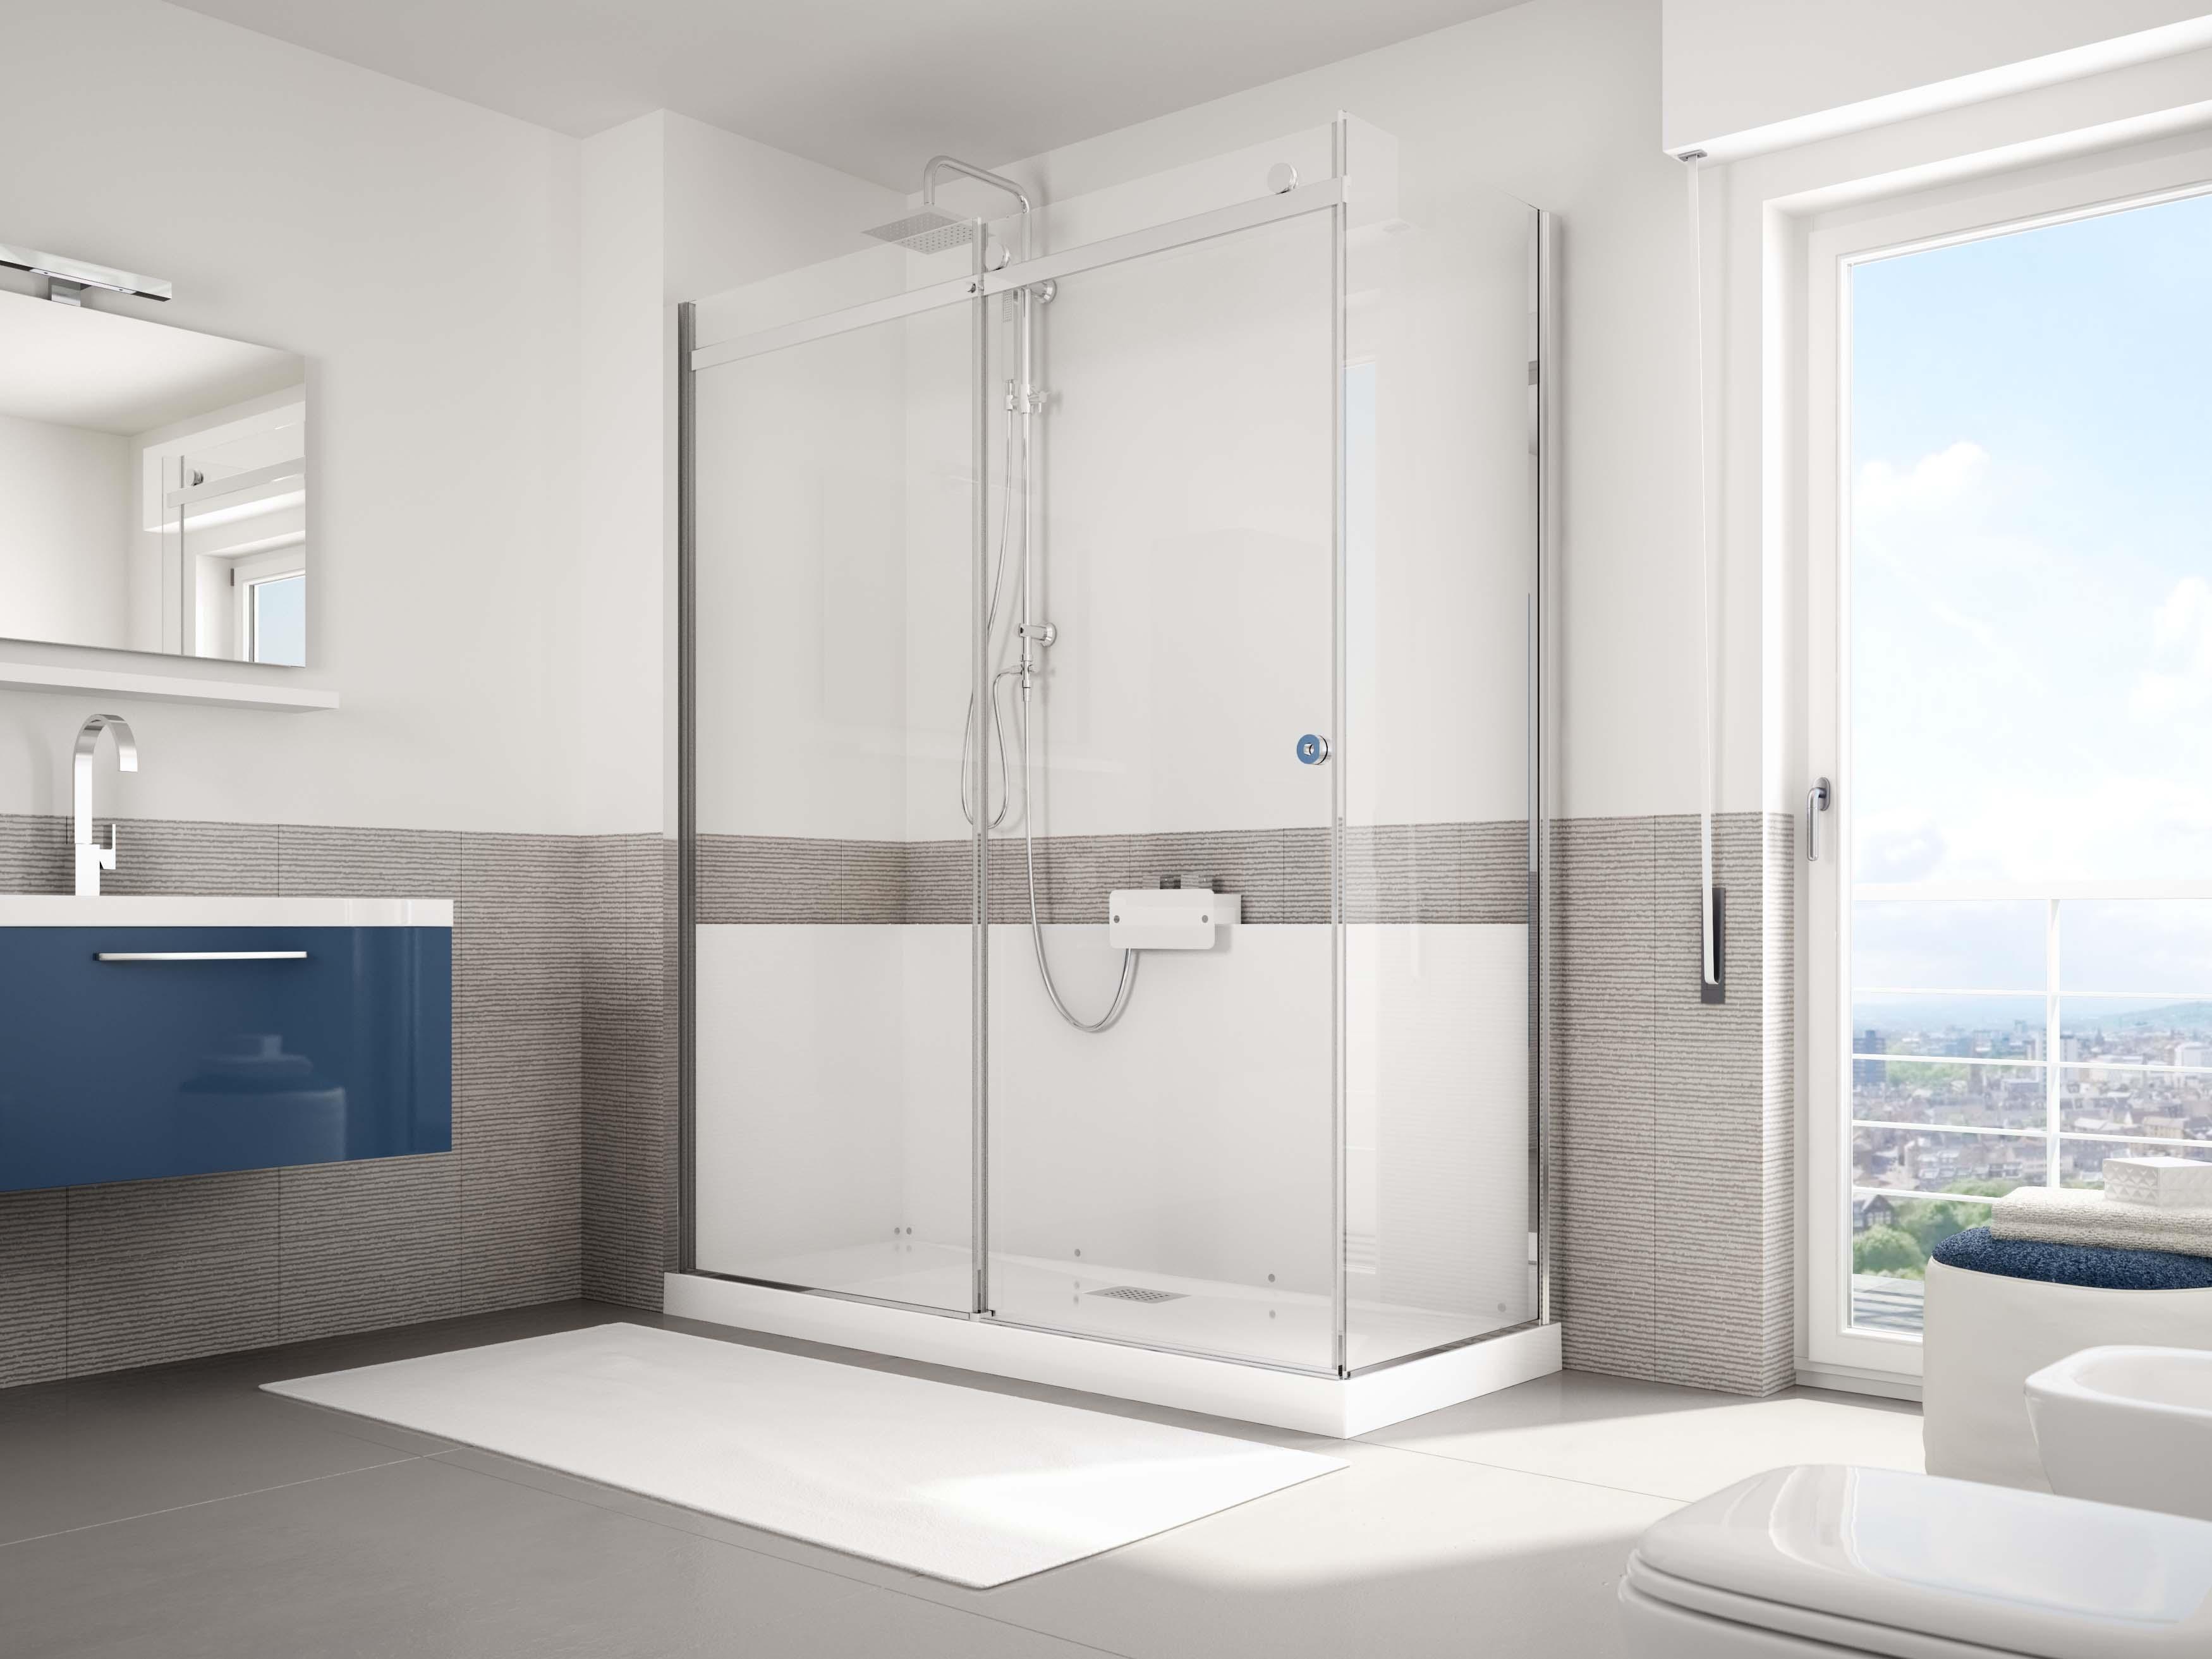 Grandform g magic 170x70 sconto 40 trasforma la tua vasca in una doccia arredo bagno a prezzi - Come sostituire una vasca da bagno ...